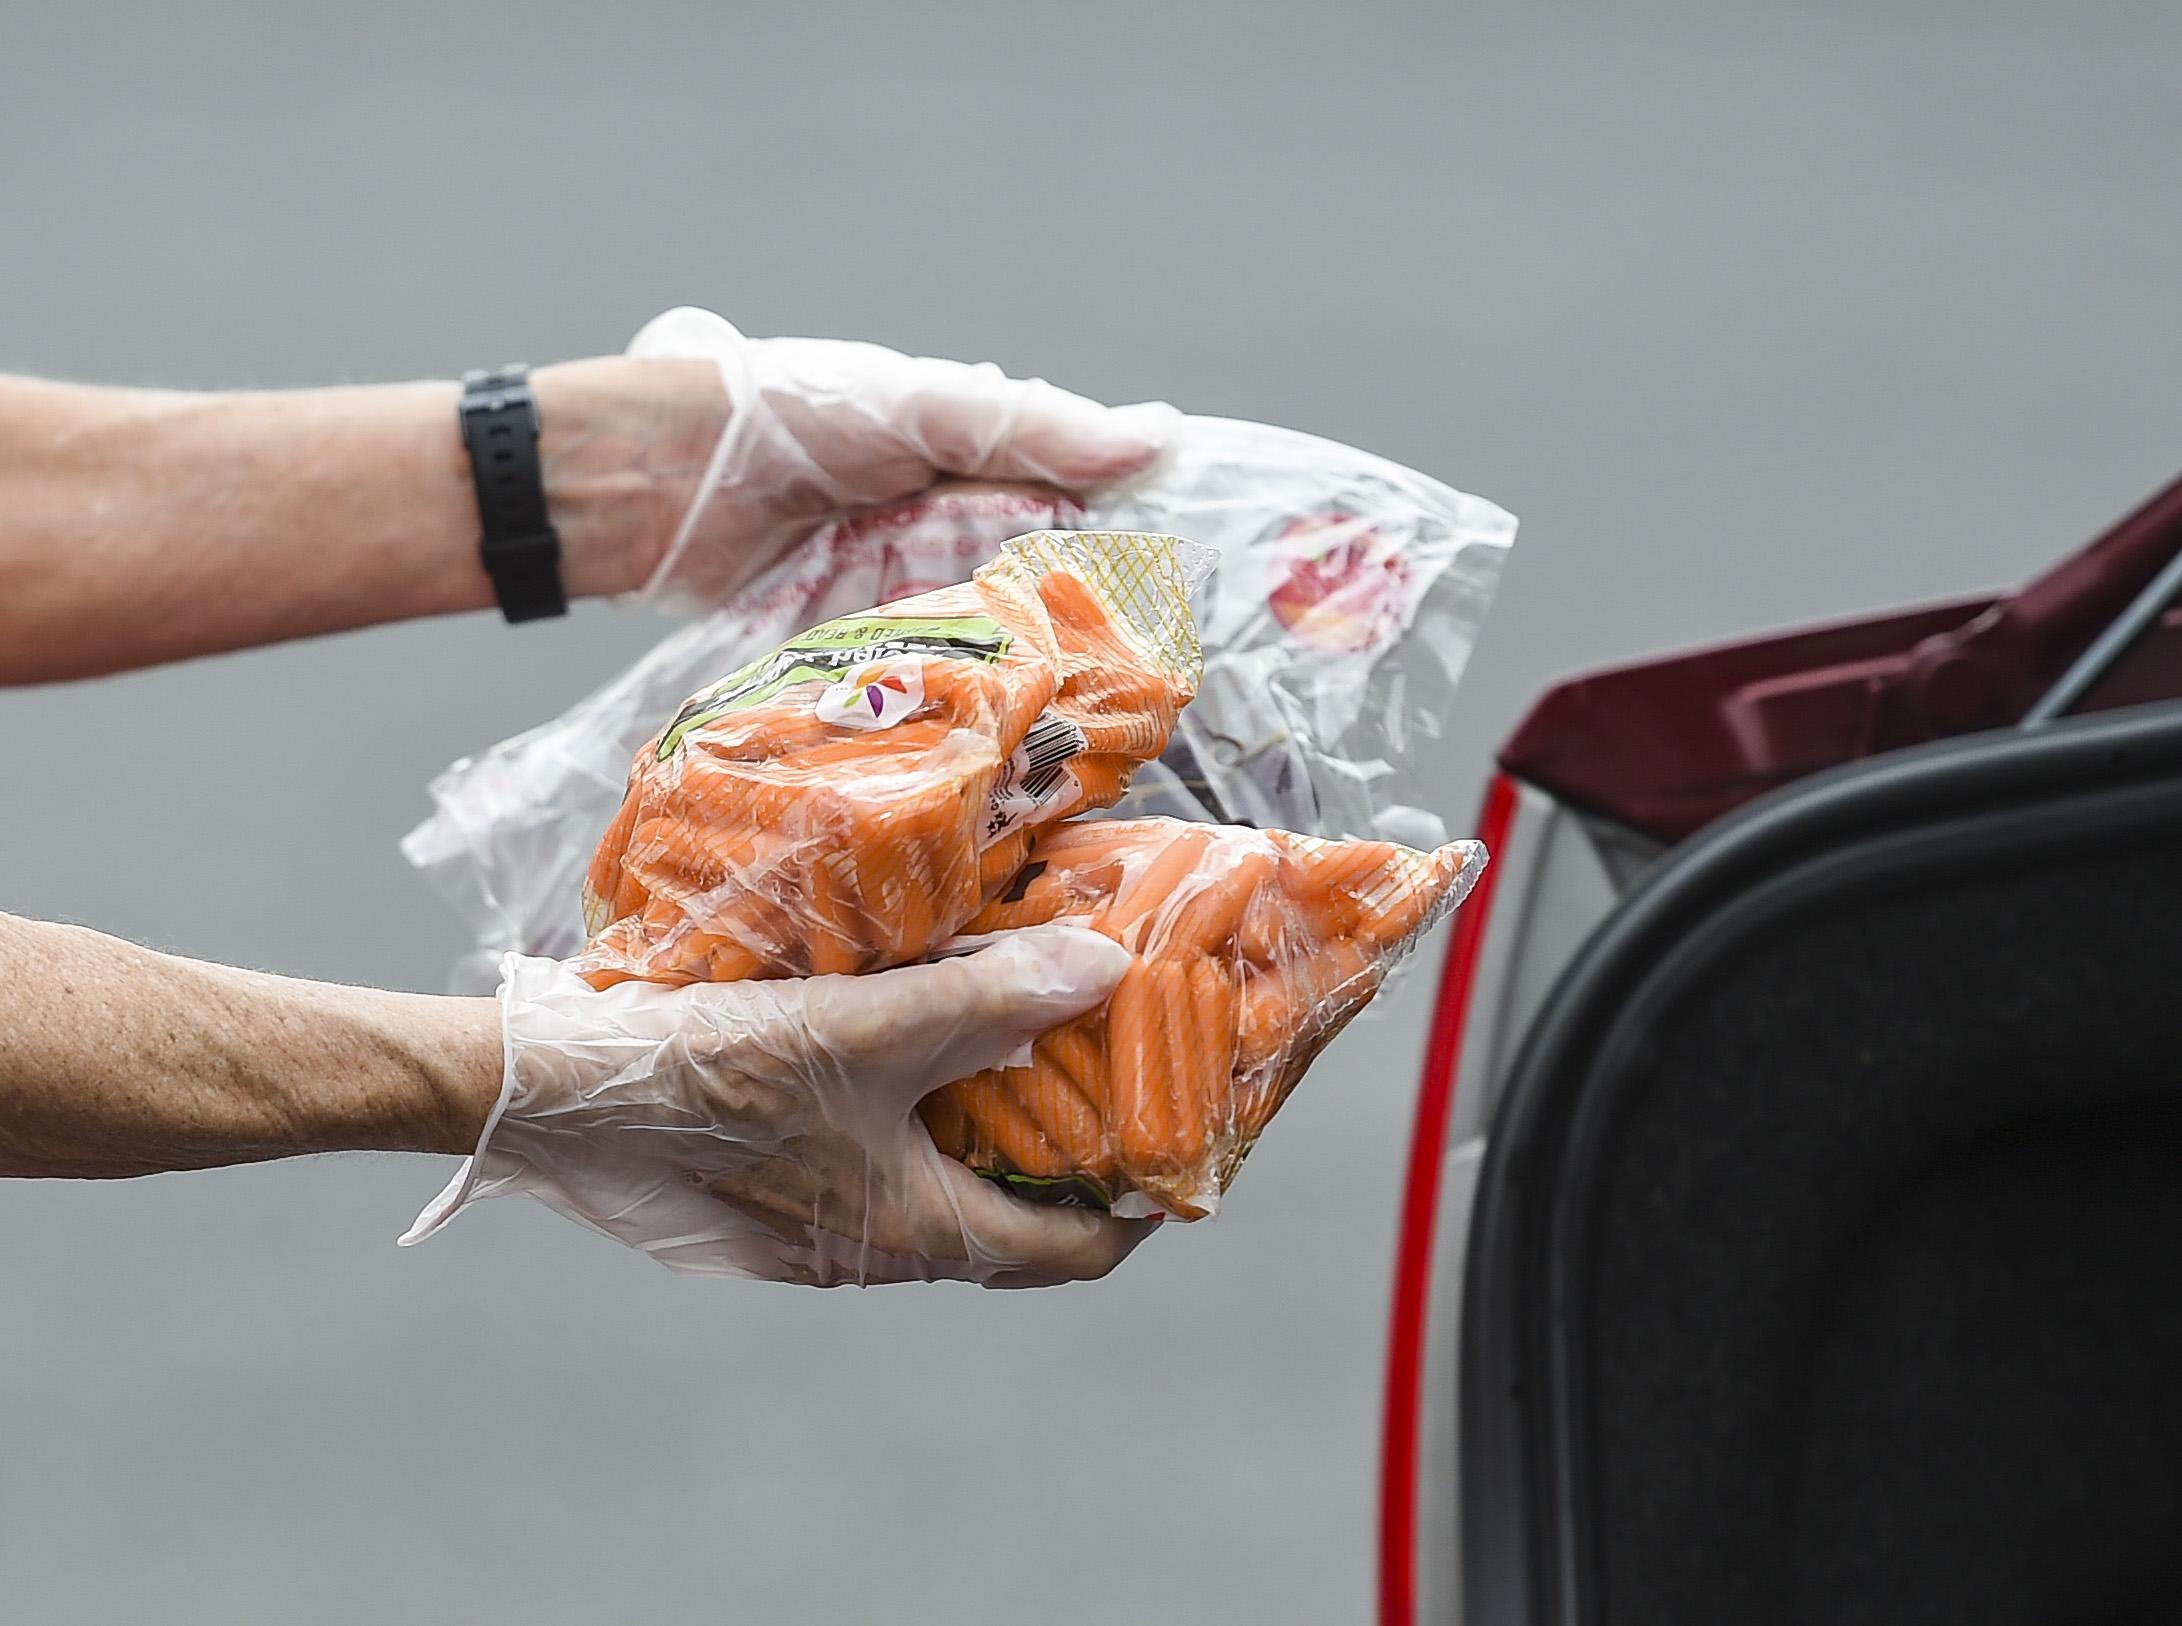 """一名志愿者拿着一袋袋的胡萝卜,她要把这些胡萝卜送给一个在""""帮助收获移动市场""""的人。2021年6月2日星期三下午,奥利镇的奥利集市上的一个帮助收割移动市场"""